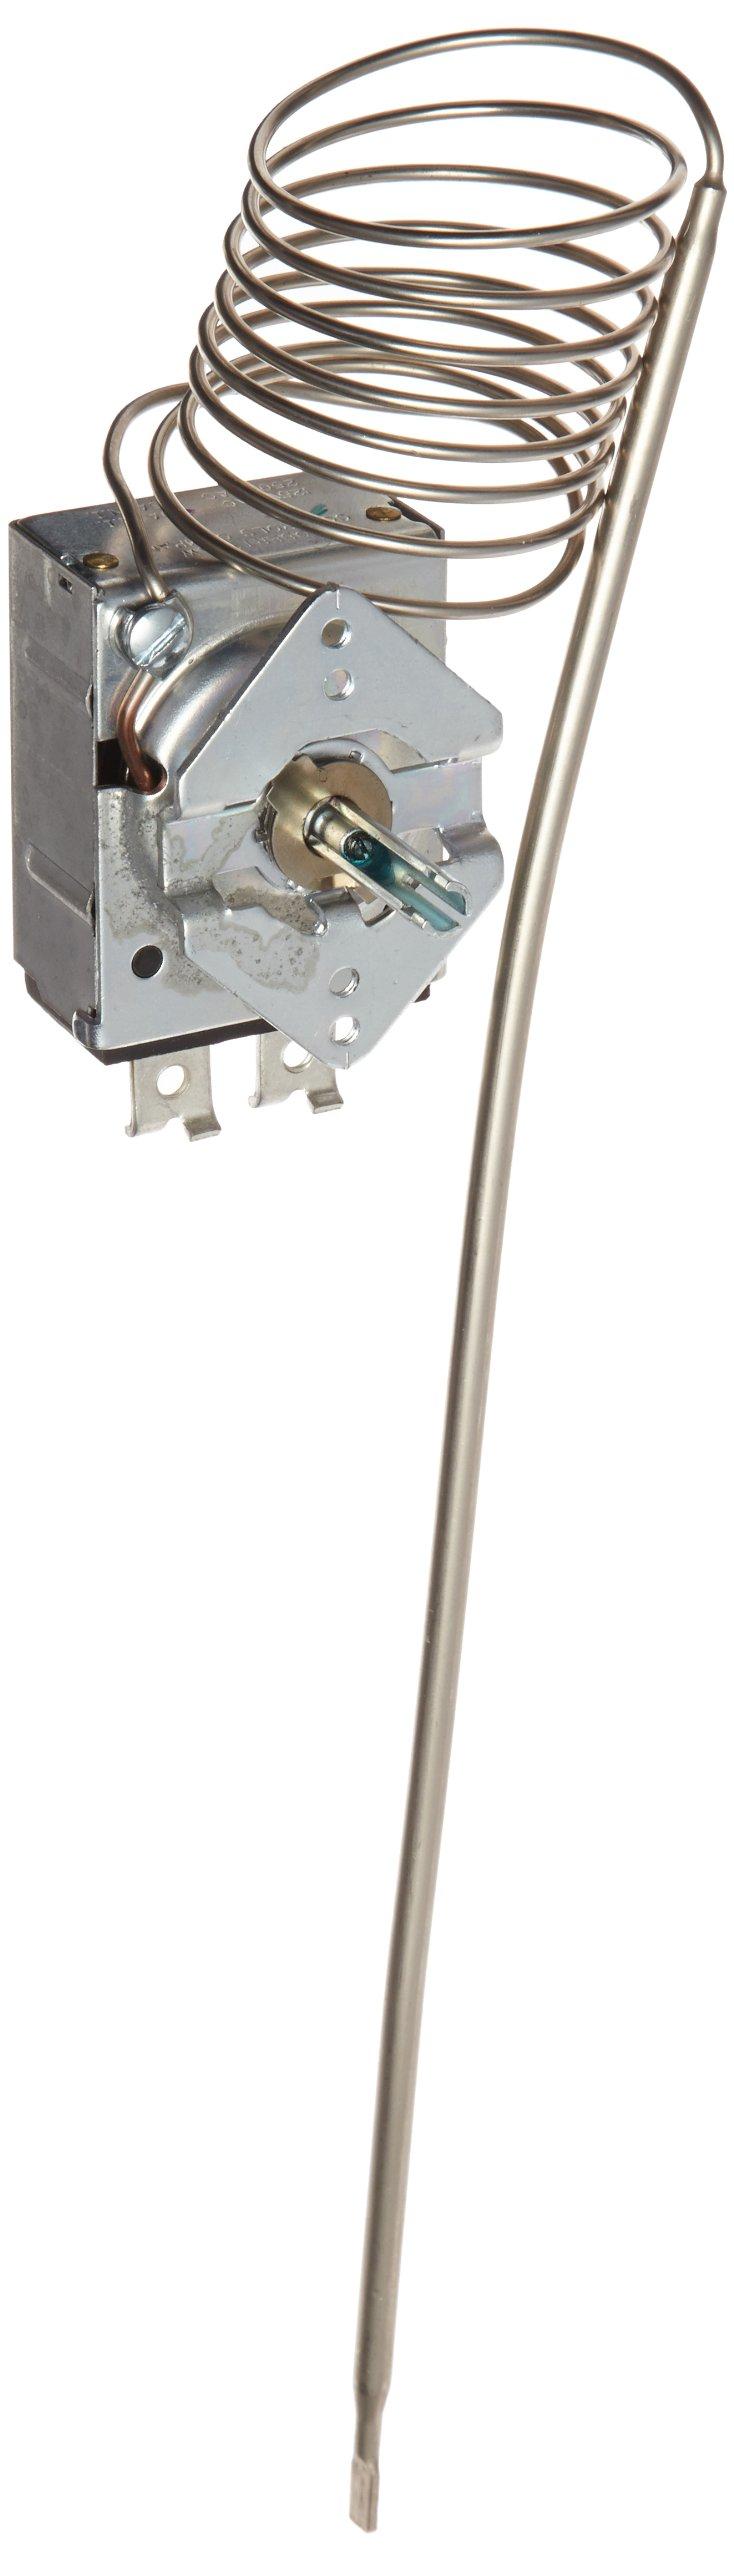 Thomas Main Temperature Controller